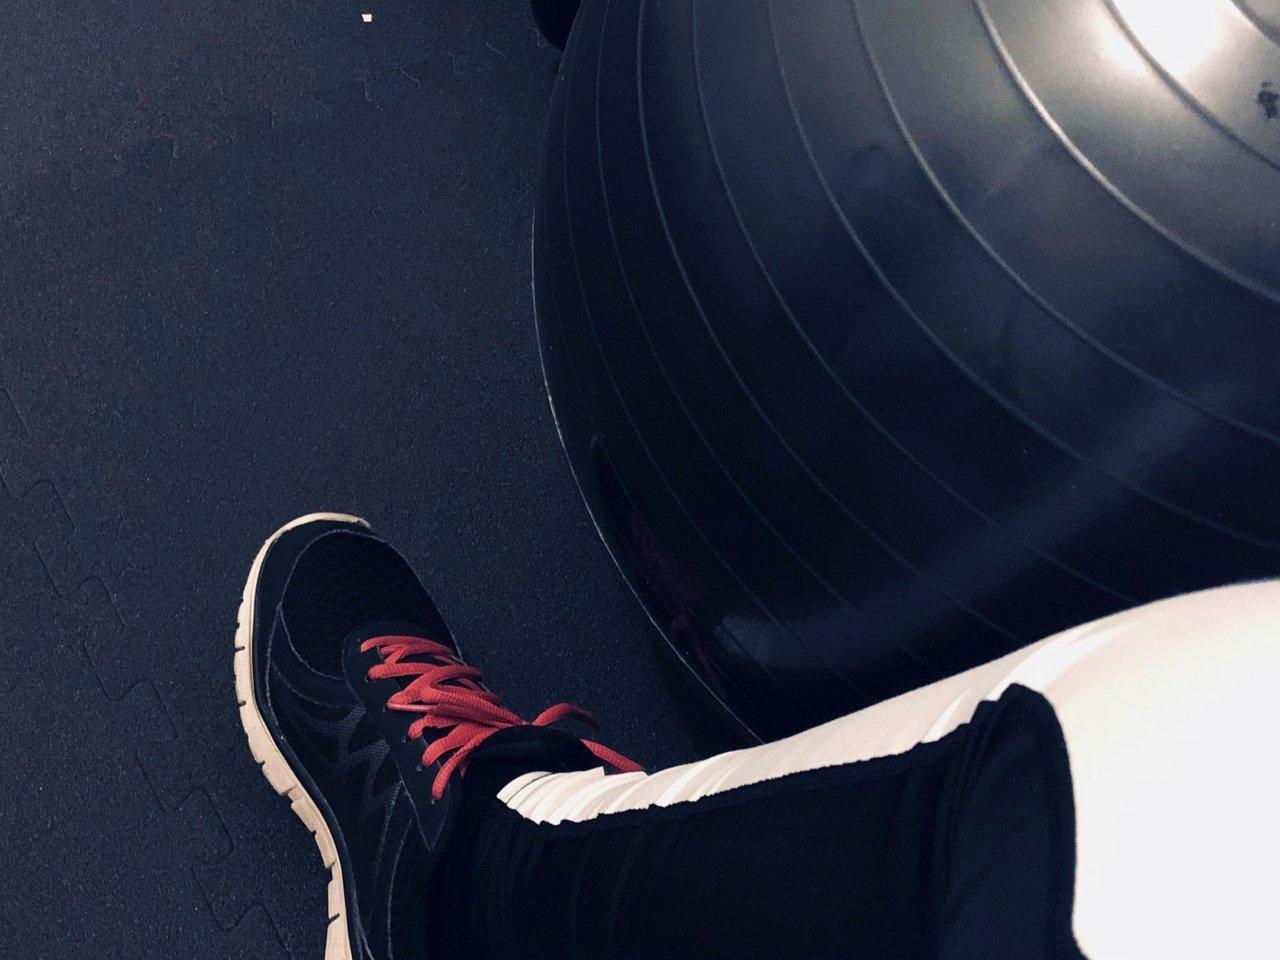 styrketraning_fitness_motivation_life